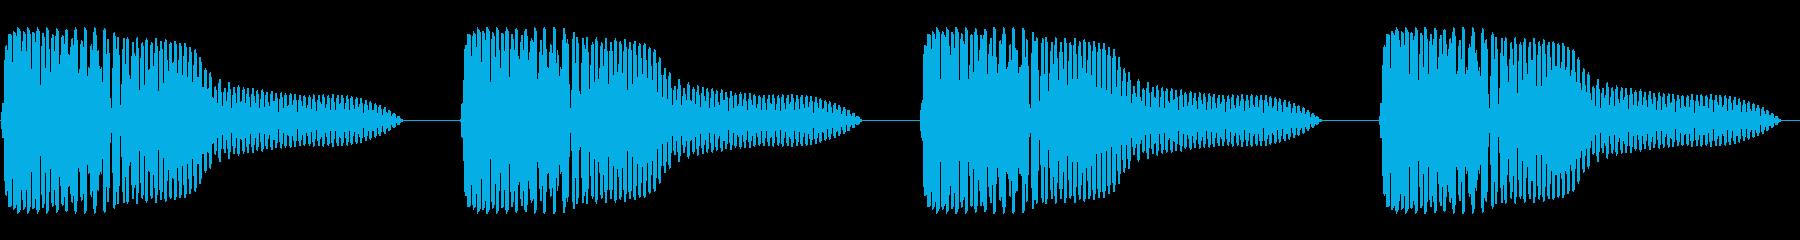 ゴムボール(4回)の再生済みの波形